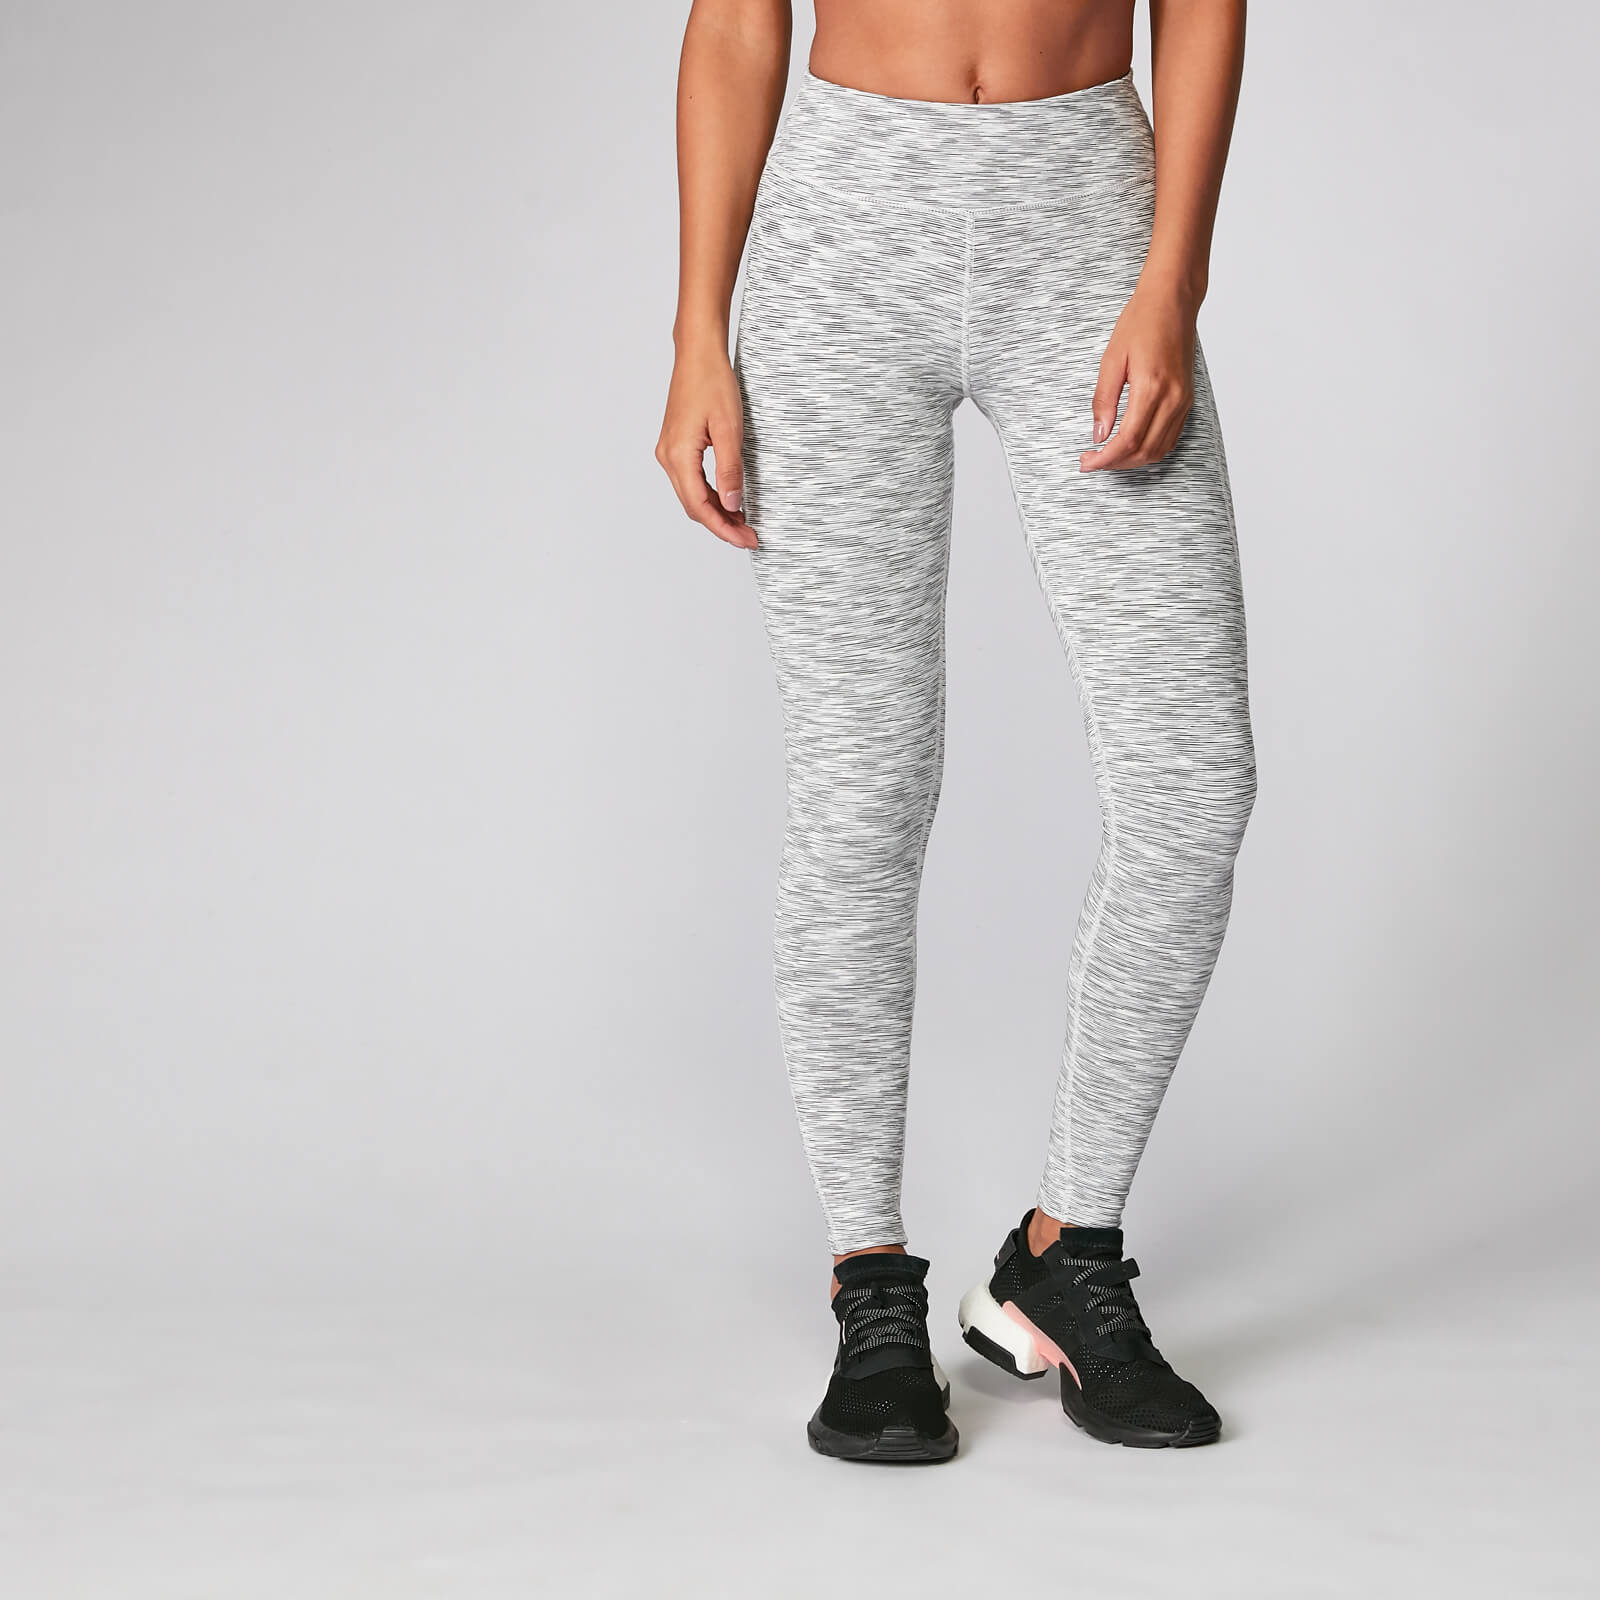 recensioni di leggings per la perdita di peso